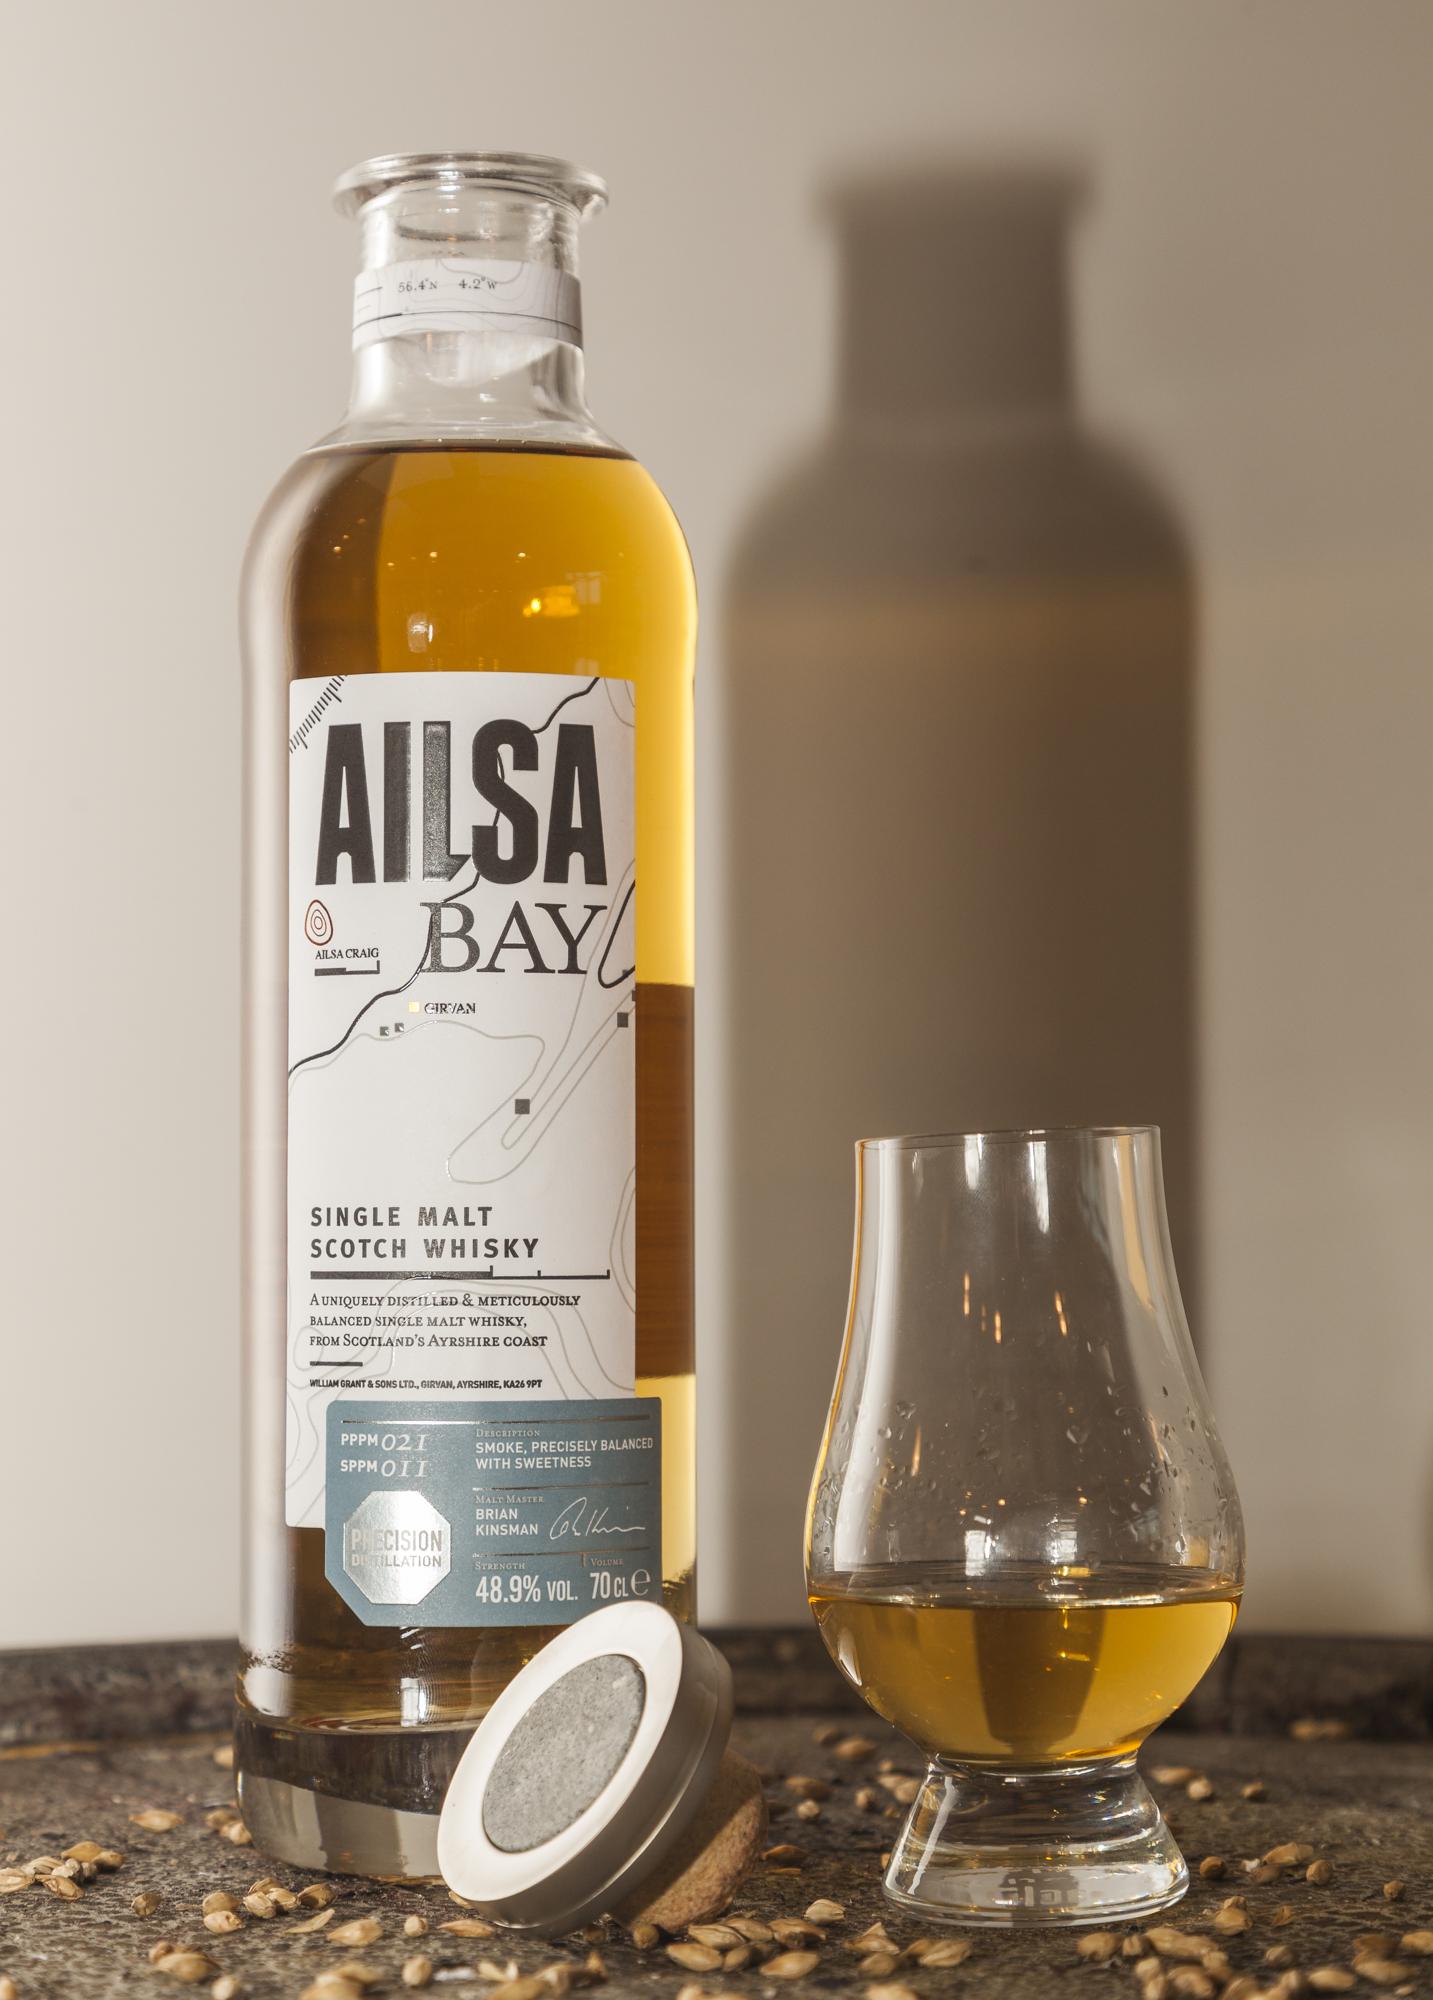 Ailsa_Bay_bottle.jpg